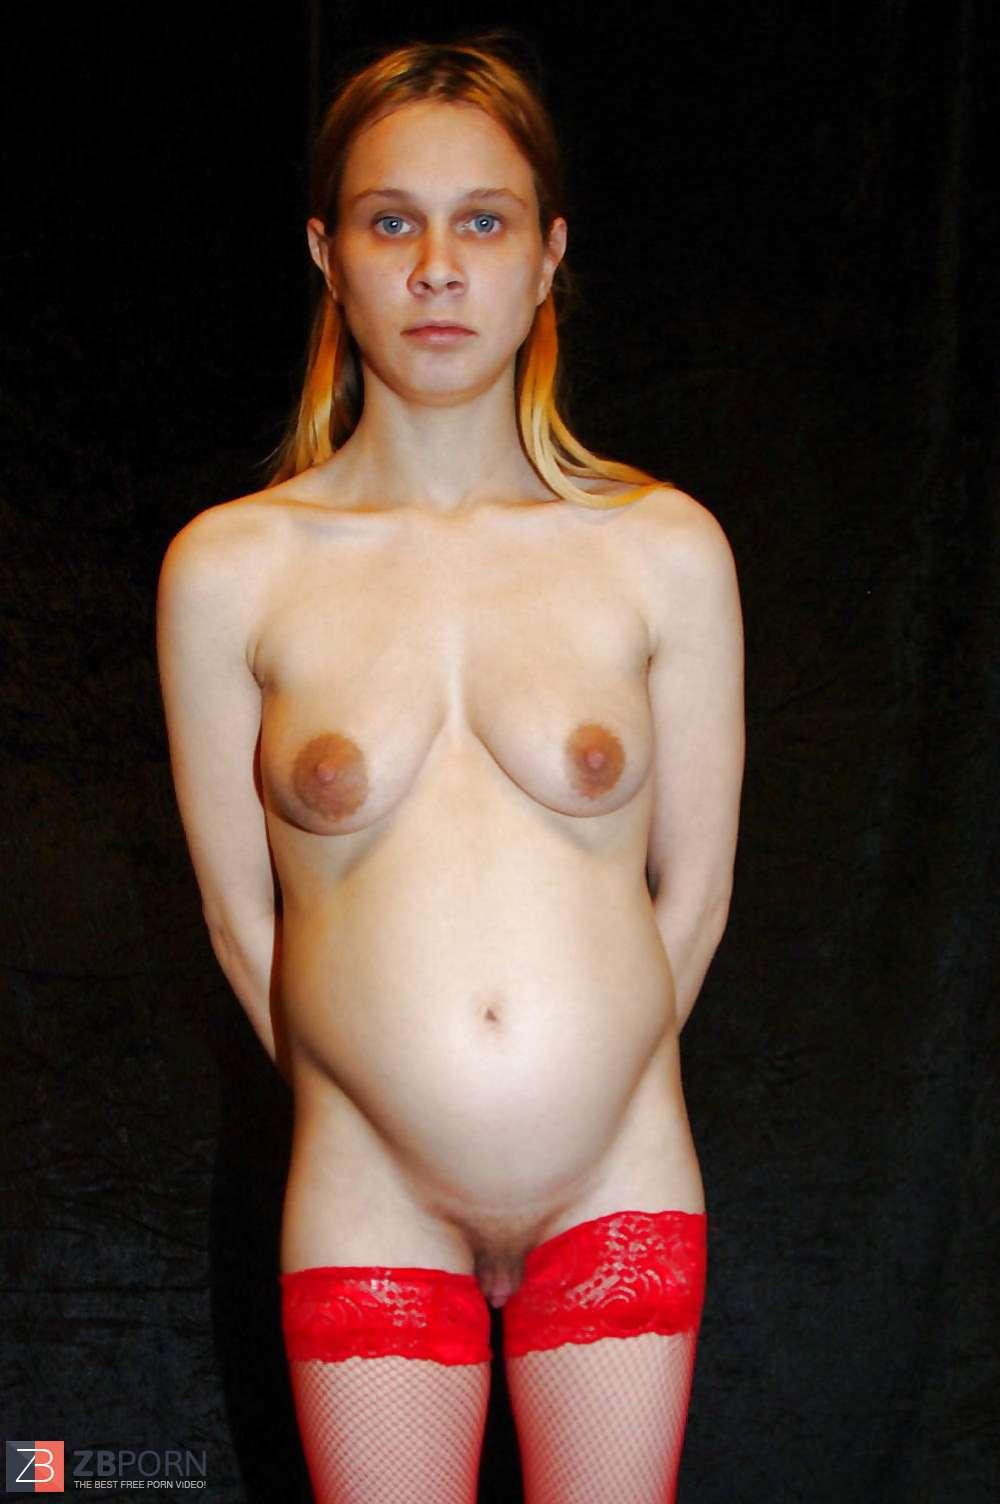 Odd Looking Tits